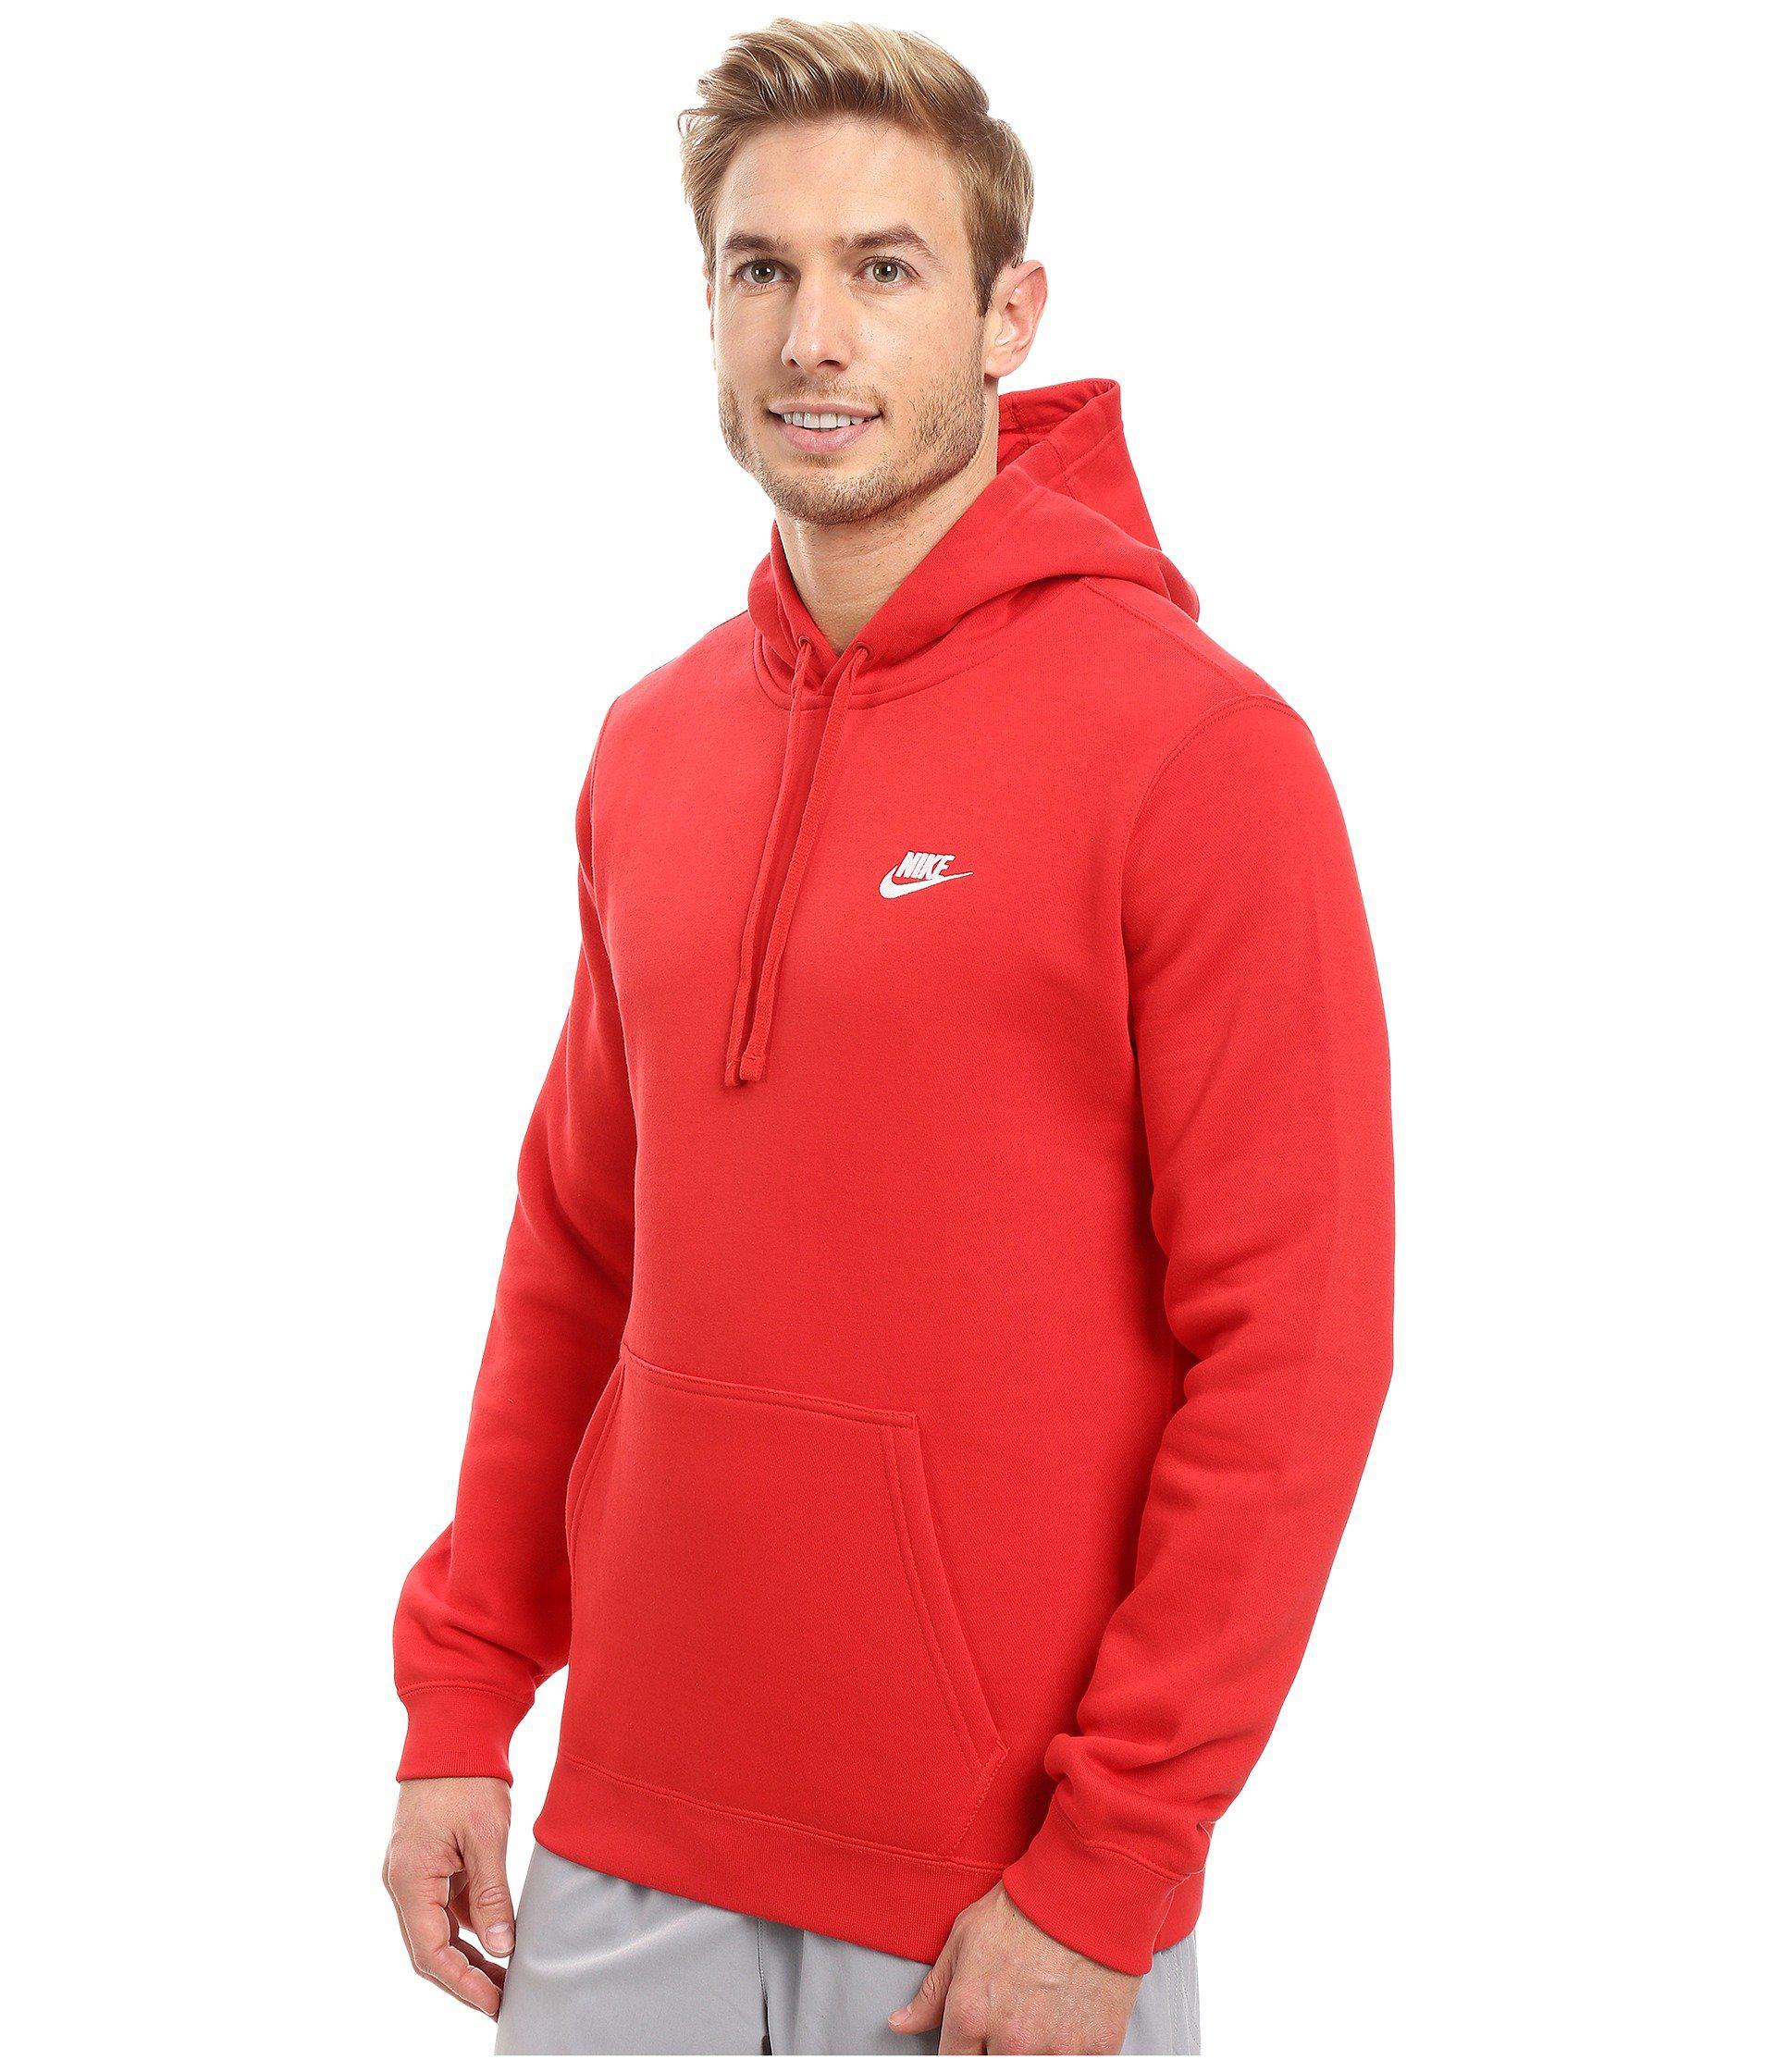 nike hoodie university red